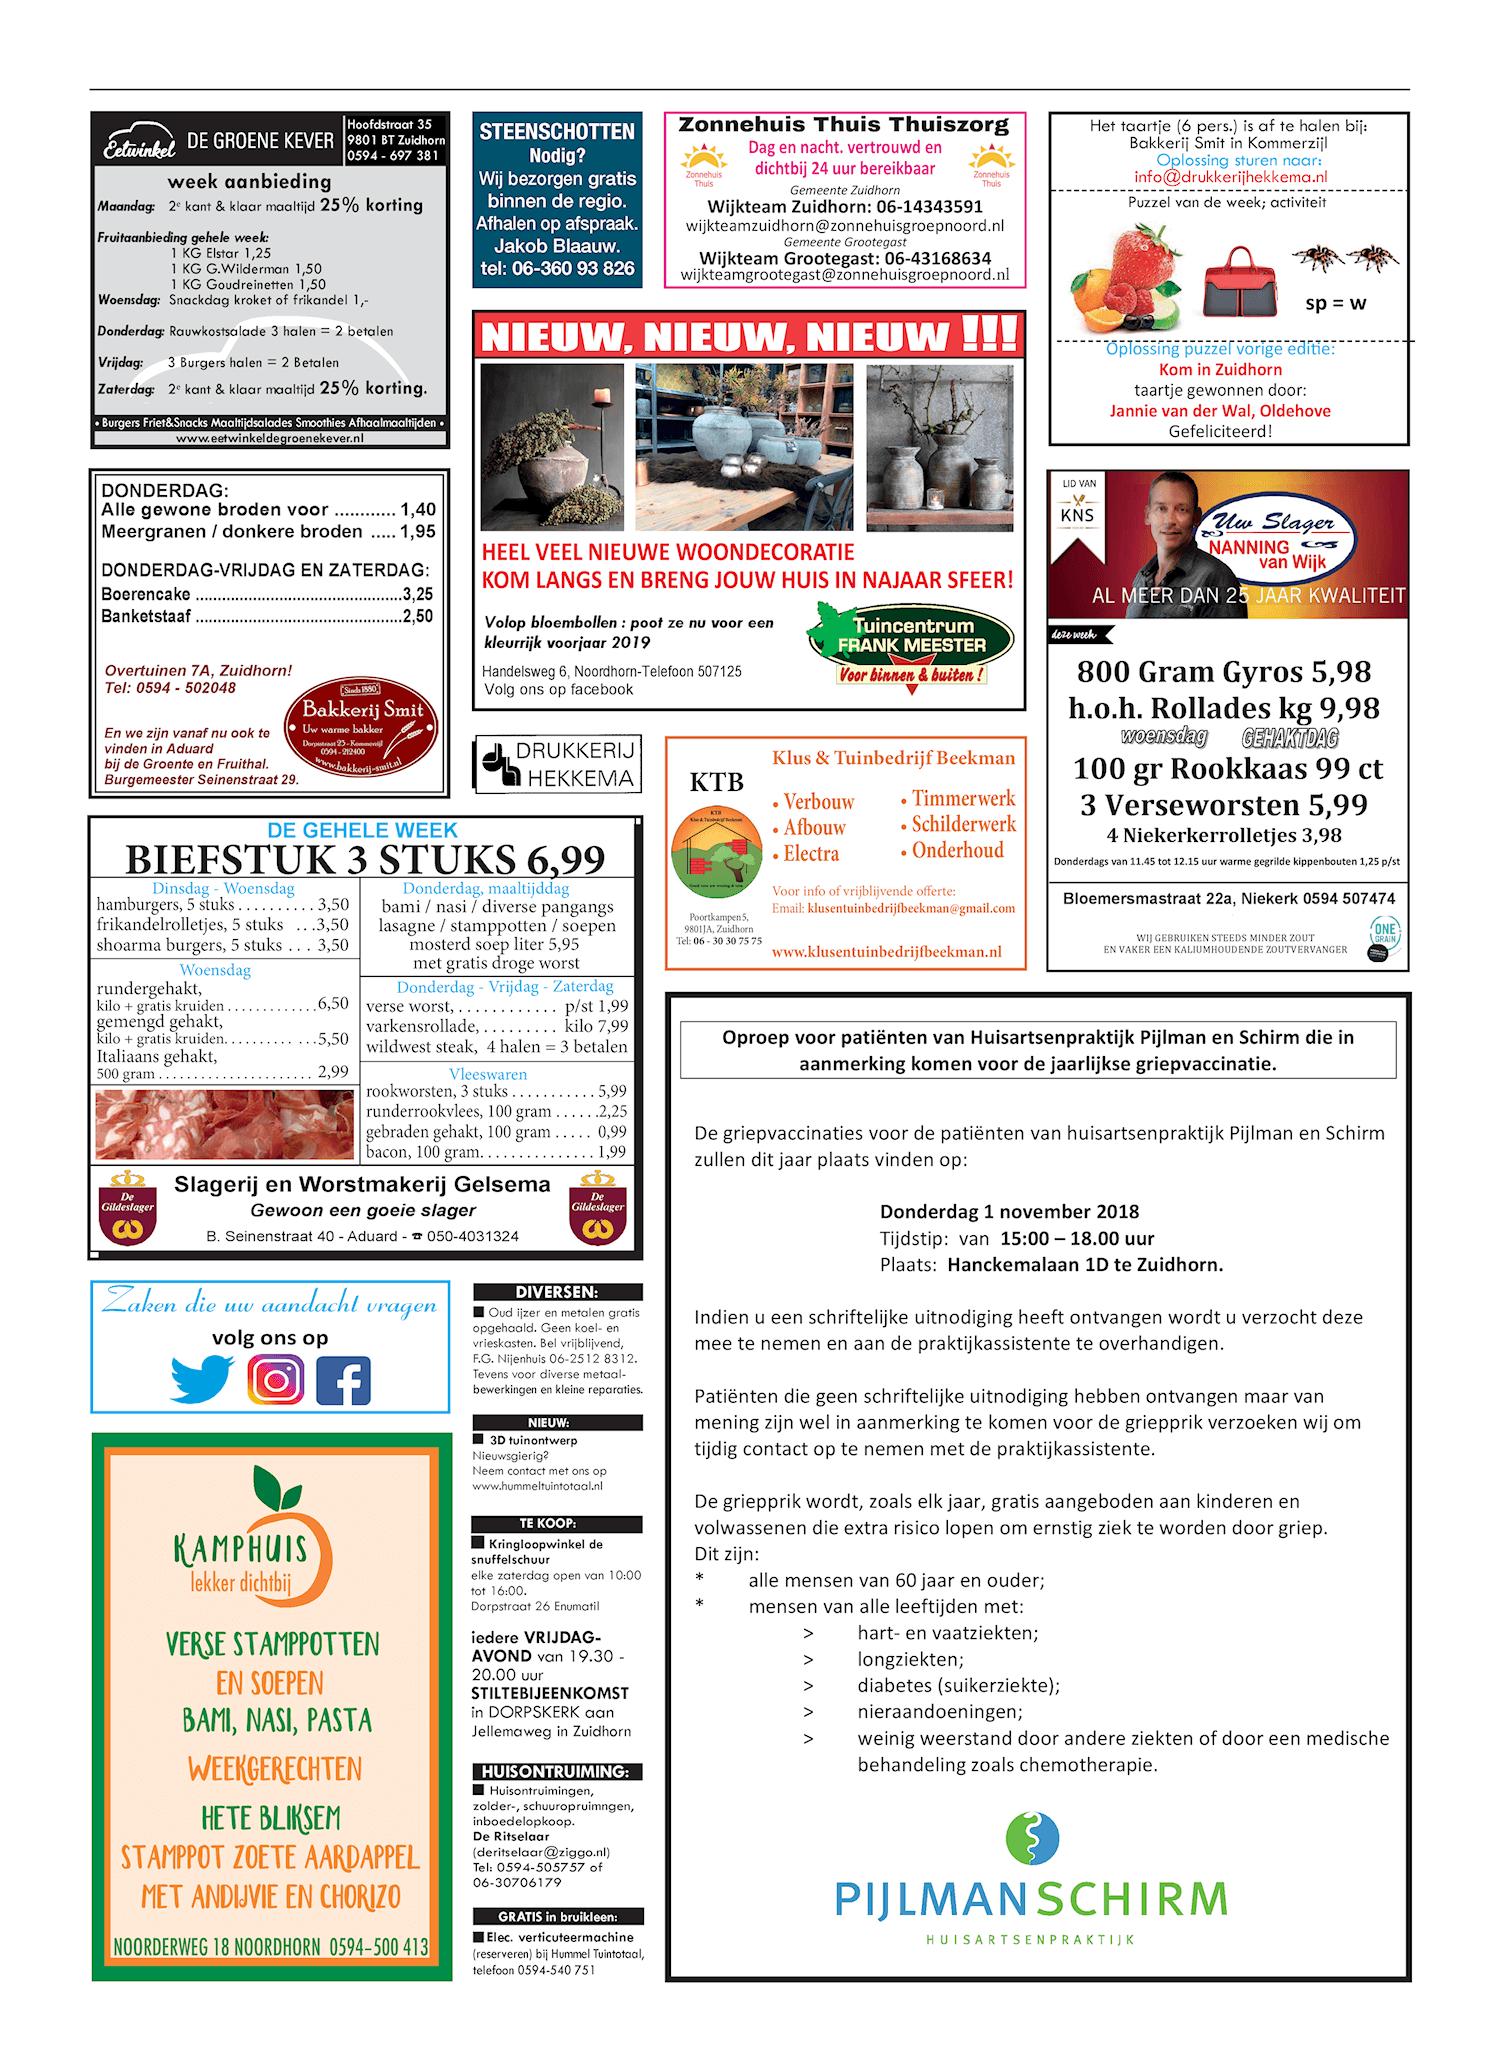 Drukkerij Hekkema - Zuidhorn - Zaken die uw aandacht vragen - 2018 week 41